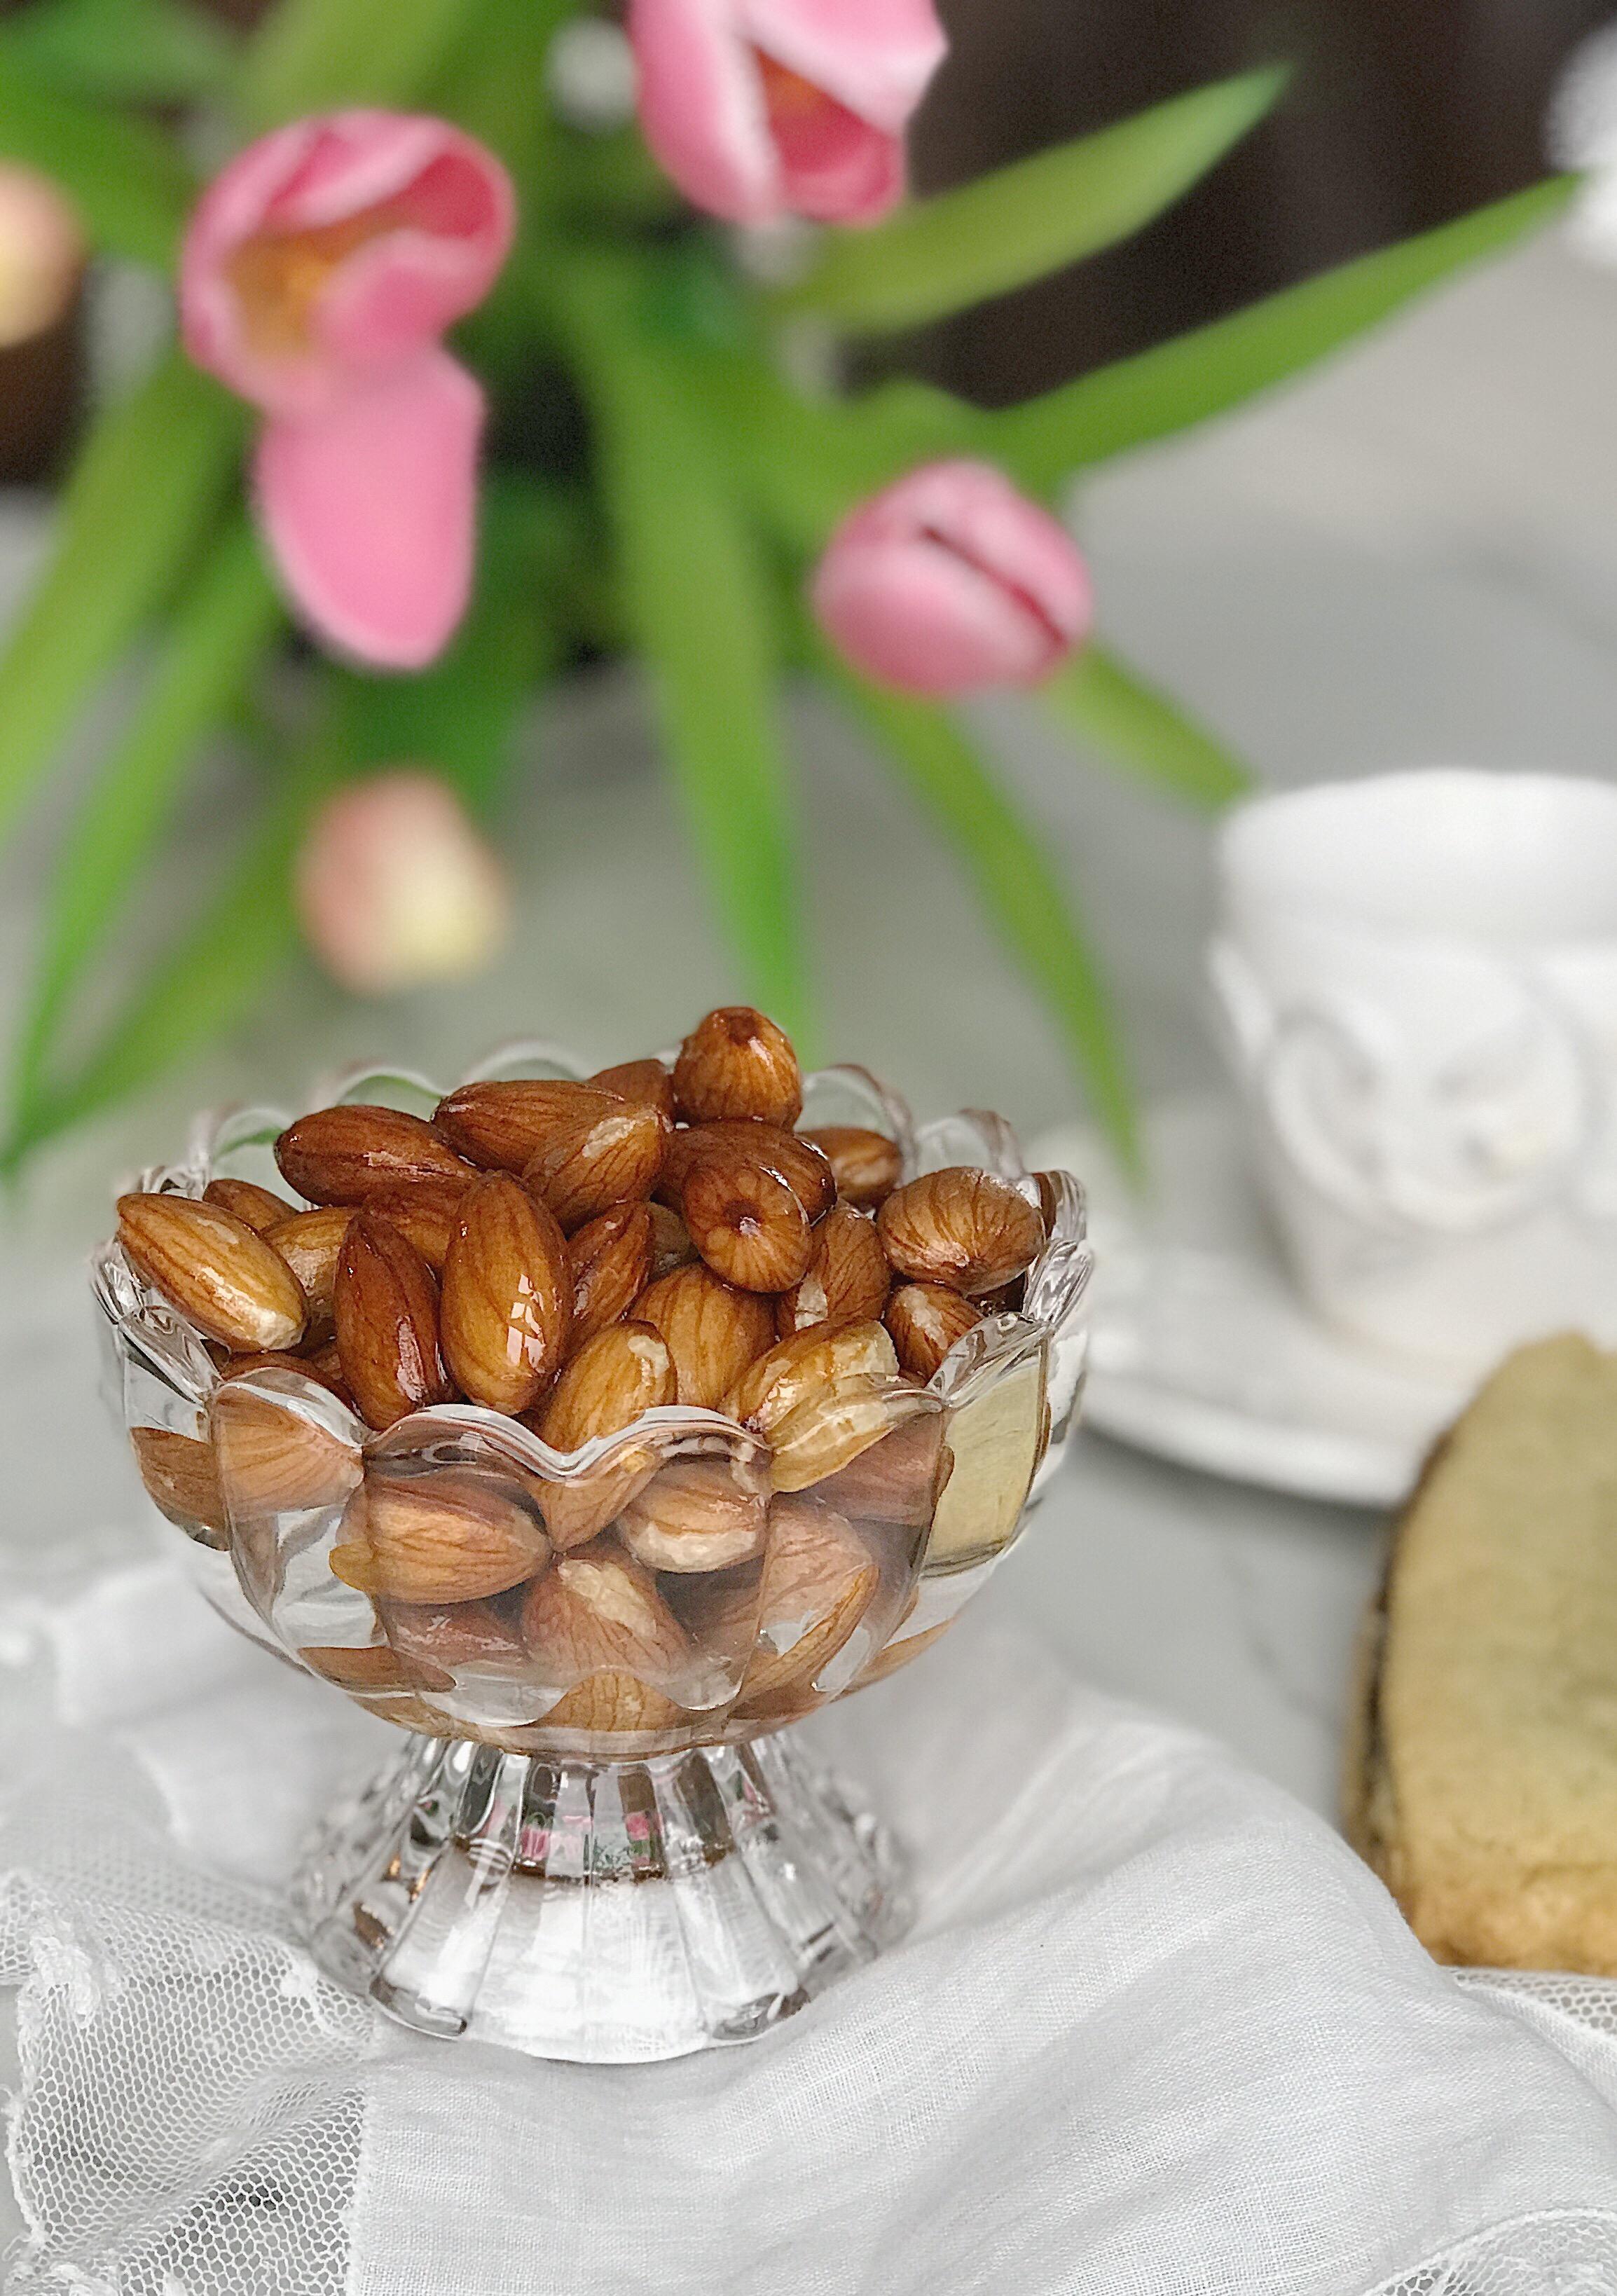 healthy sweet almonds recipe